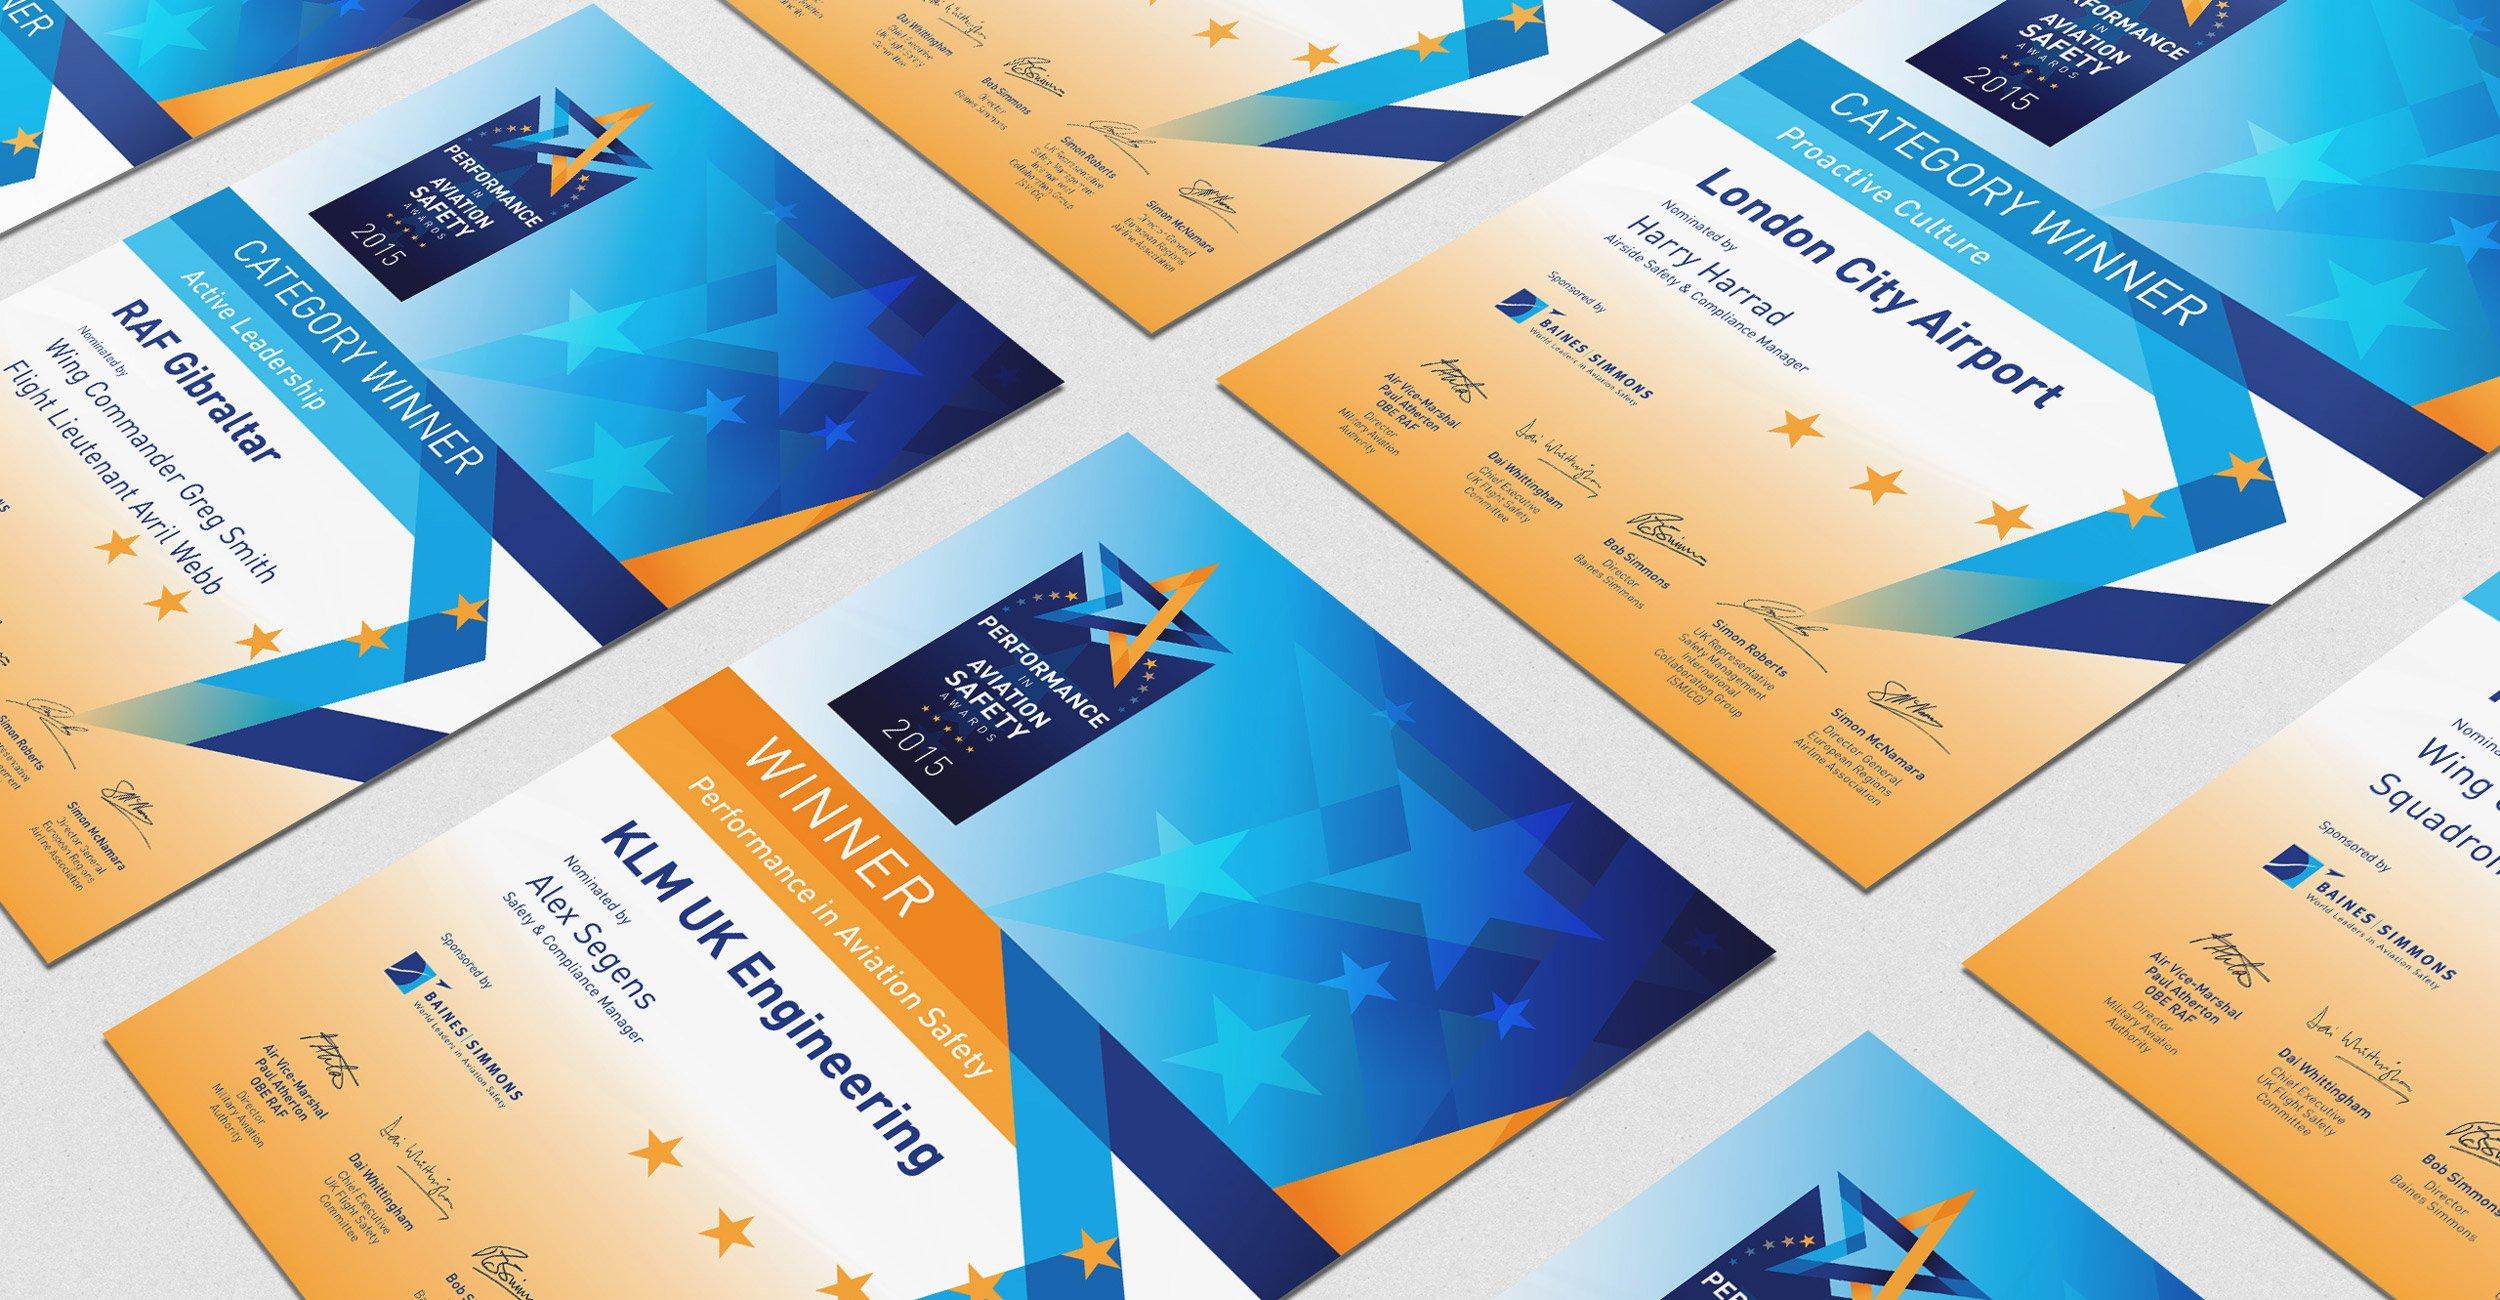 European Aviation Safety Symposium Award Certificates